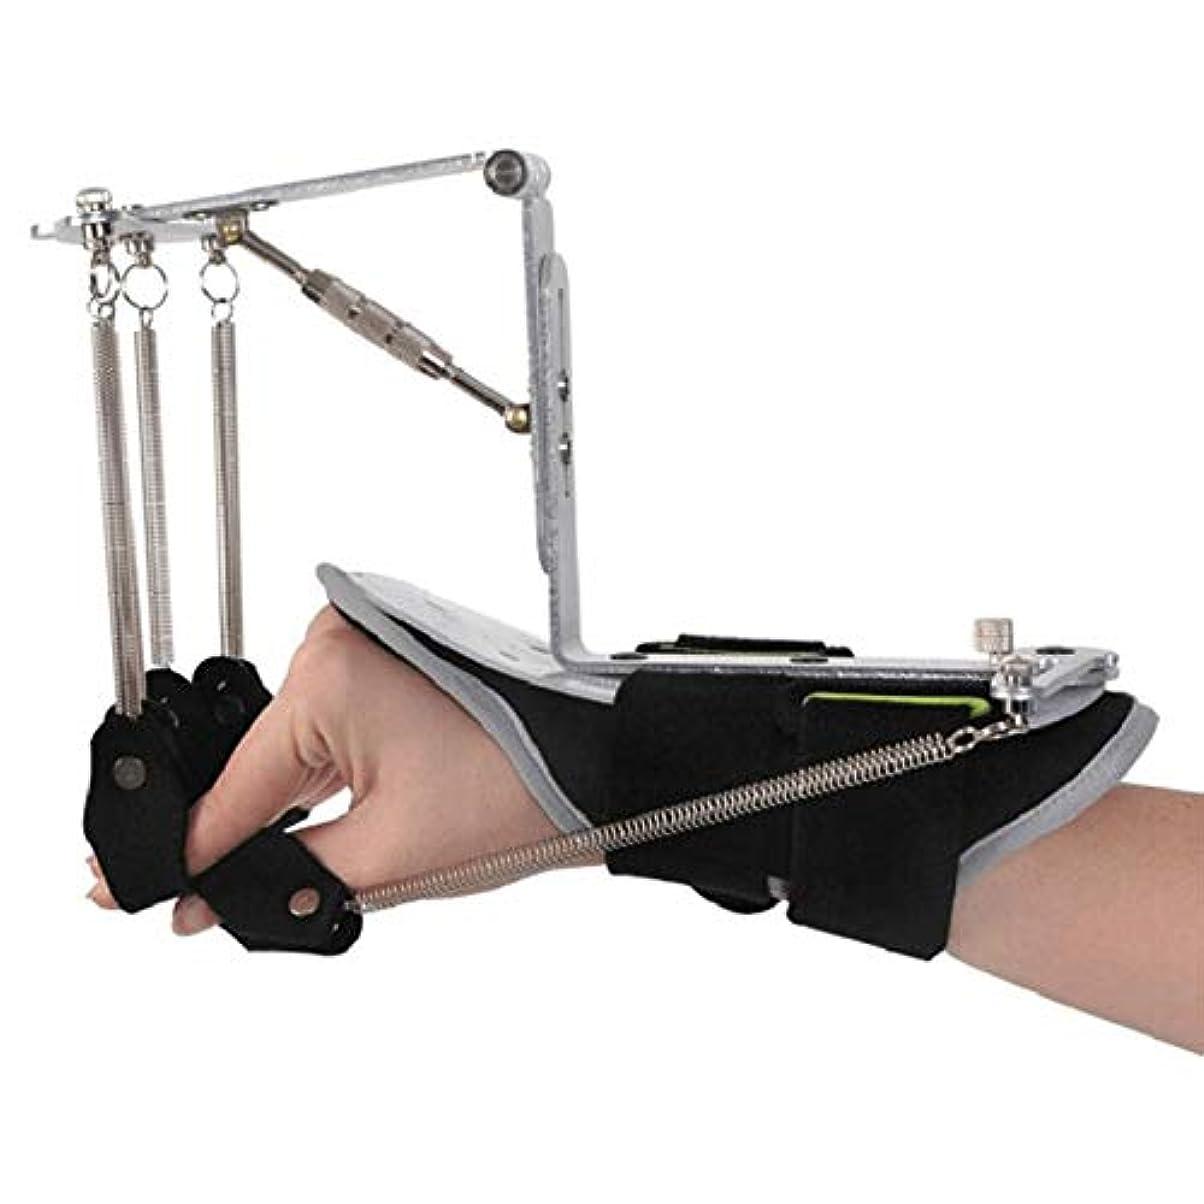 ワイプ村見出し脳卒中片麻痺患者のあこがれ演習の修復のためにスプリント指指セパレーターアジャスタブルフィンガー手首インソールエクセリハビリデバイスを指